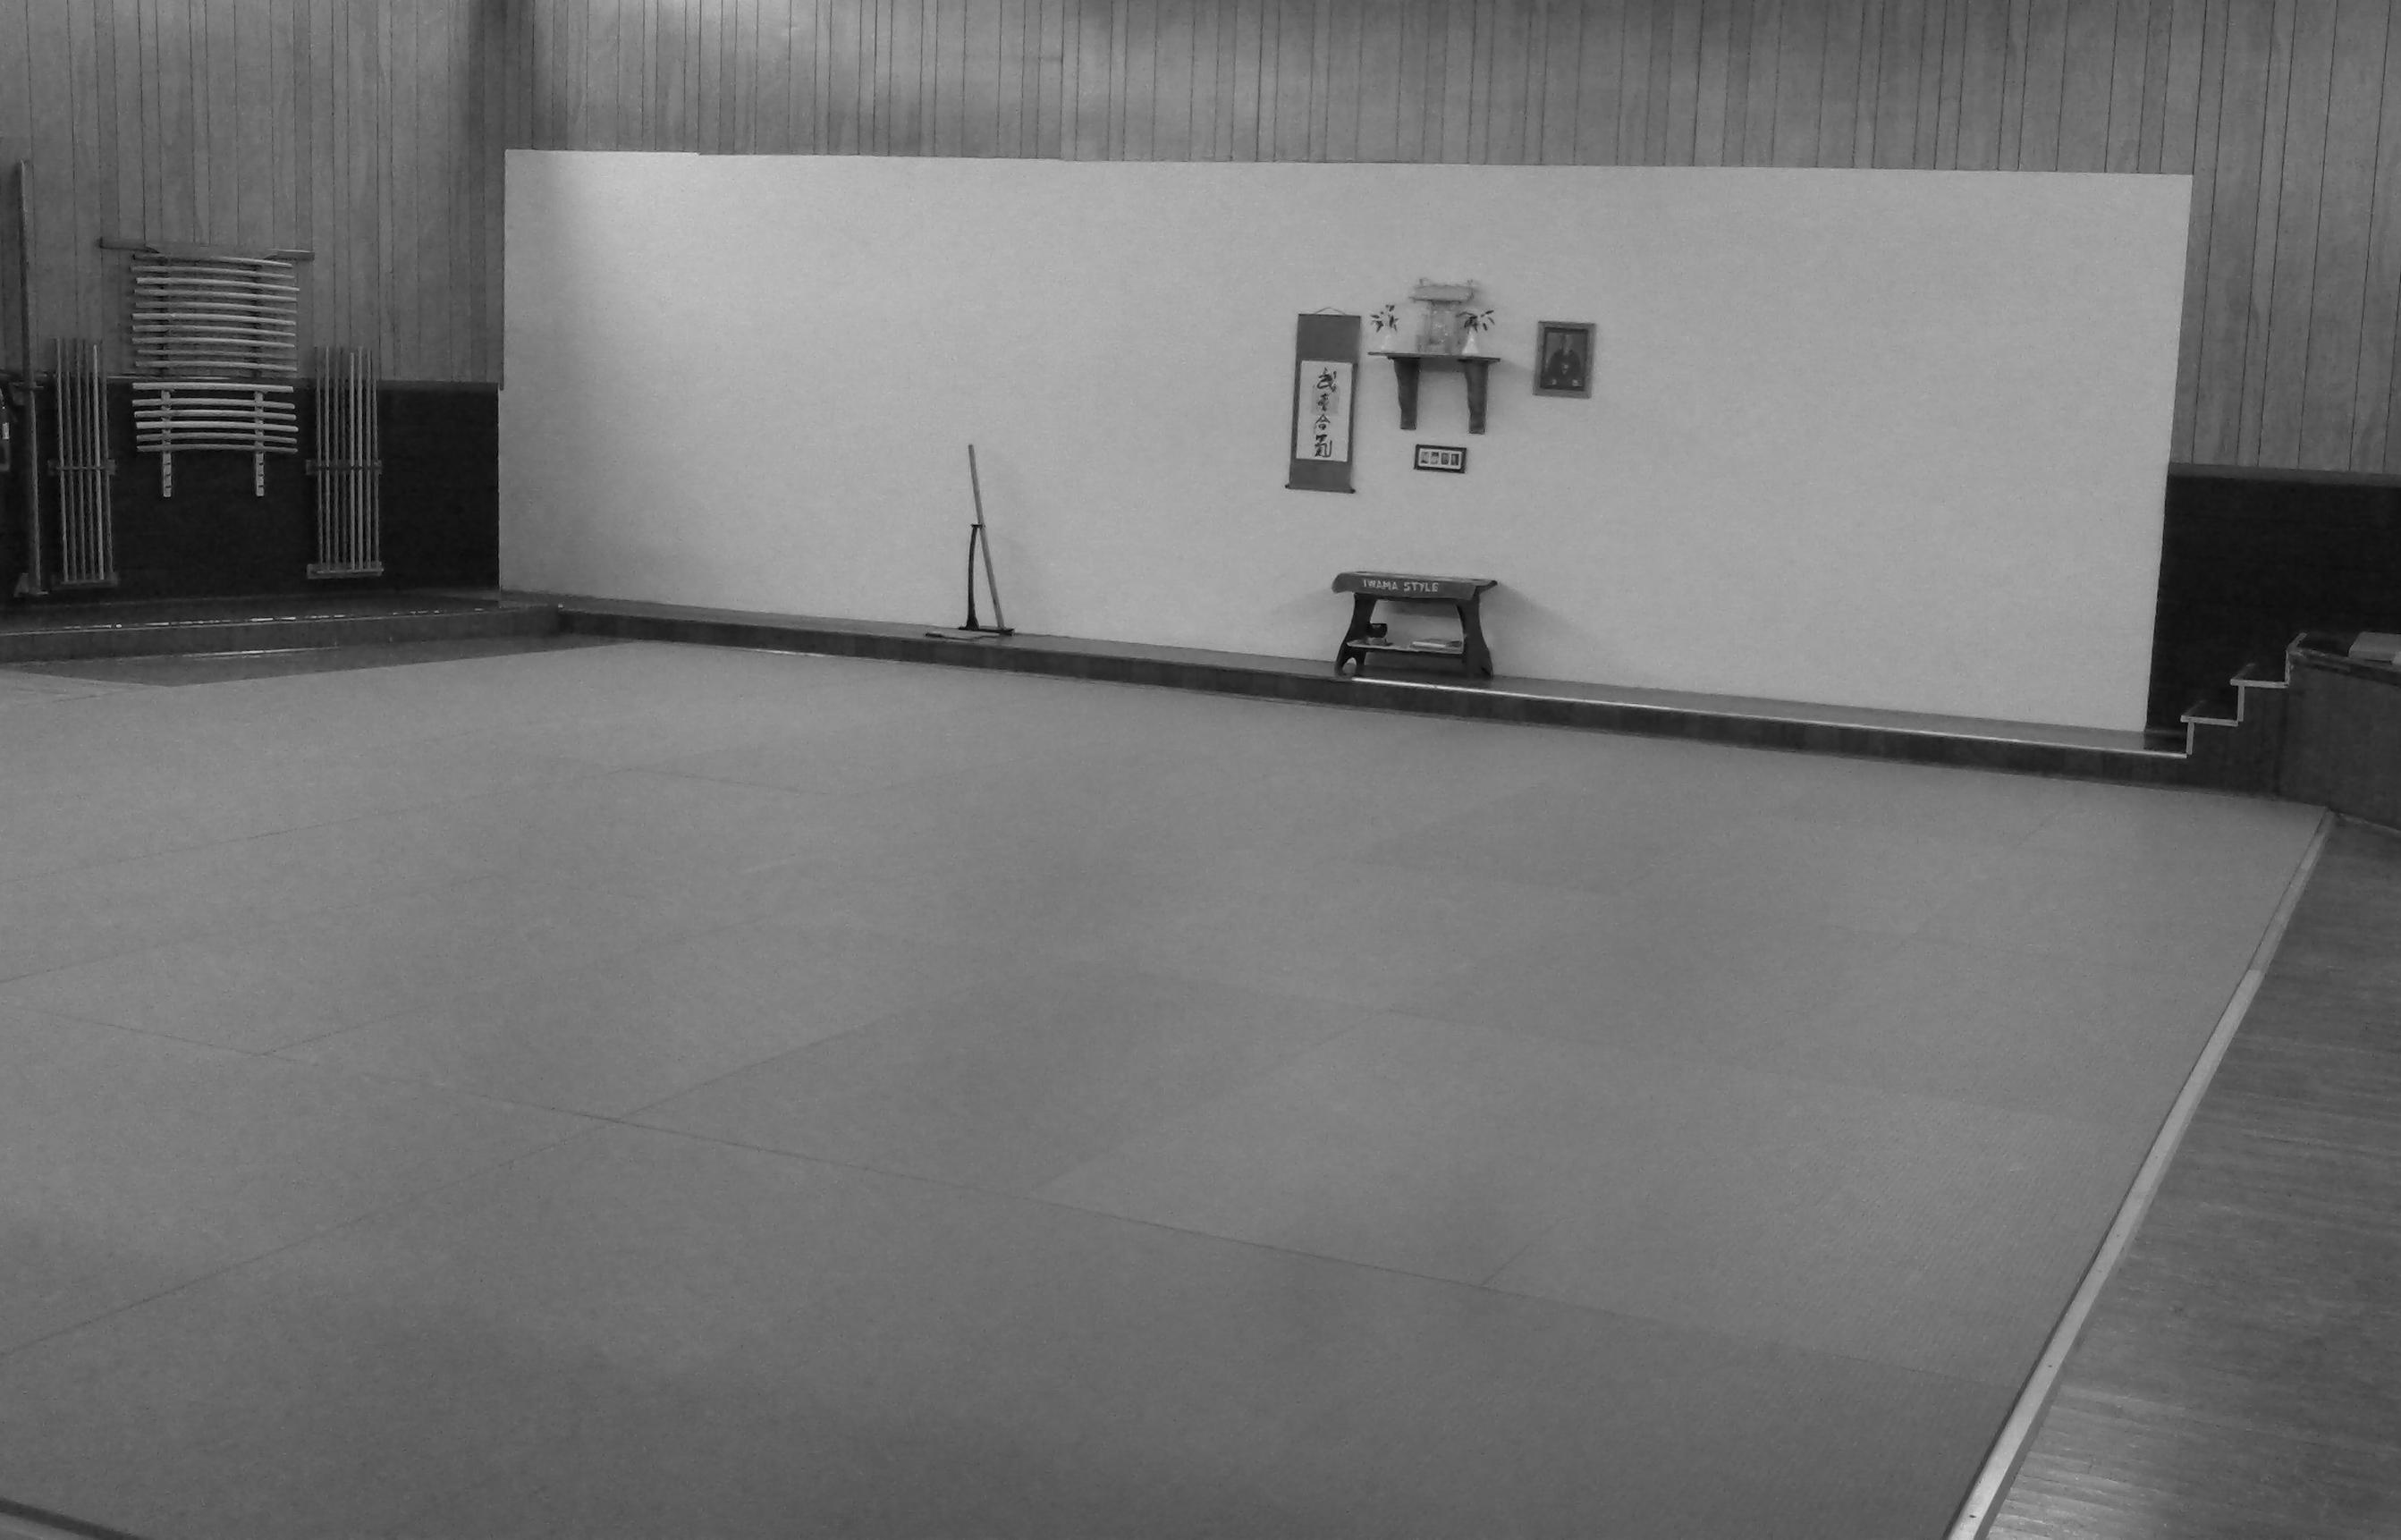 Dojo Floor Mats - Carpet Vidalondon